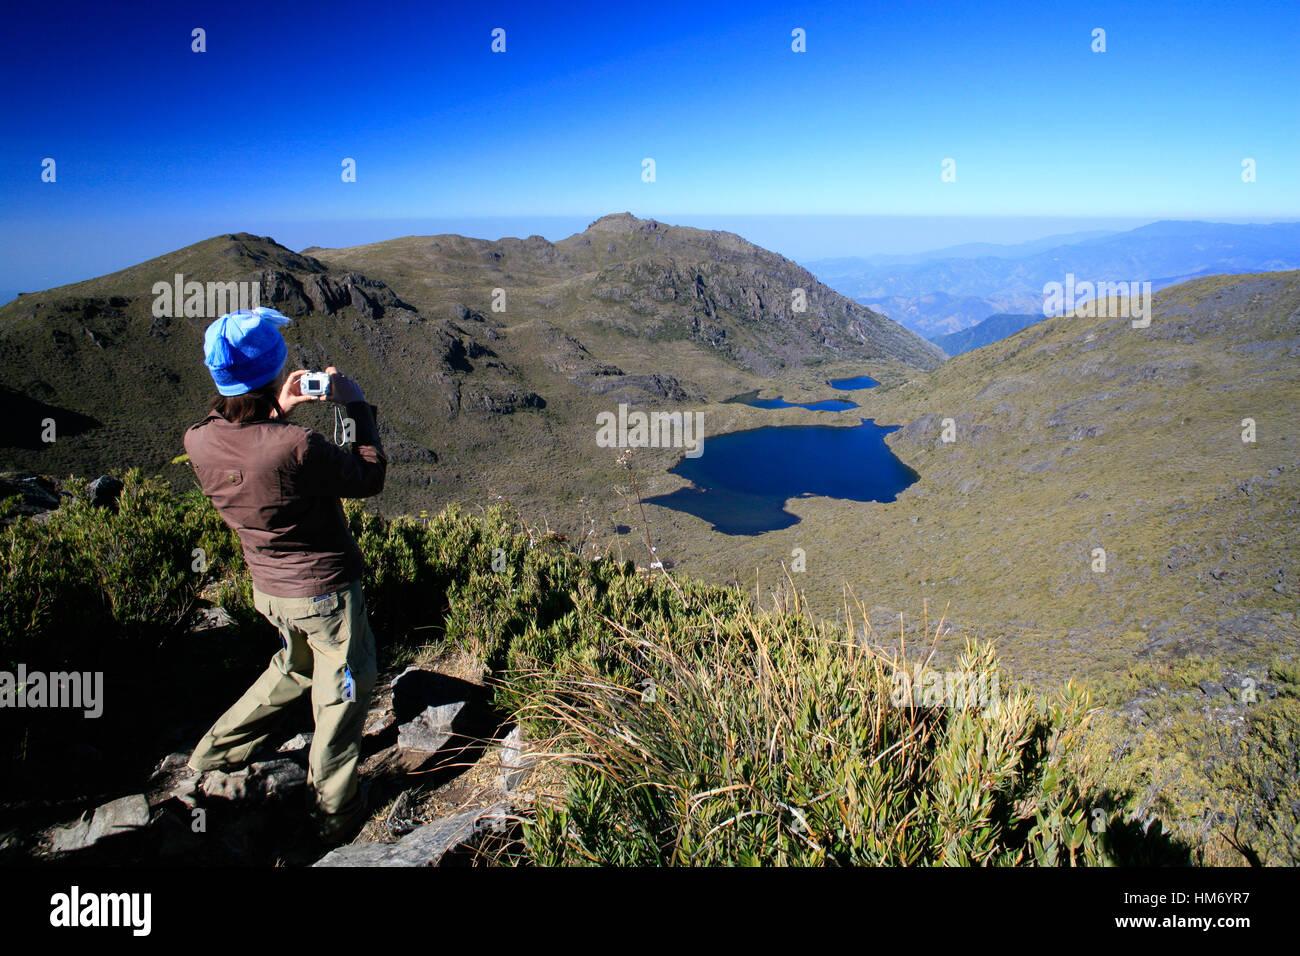 Touristischen Blick auf Lake Chirripo vom Gipfel des Mount Chirripo, Costa Ricas höchster Berg (3820m). Chirripo Stockbild